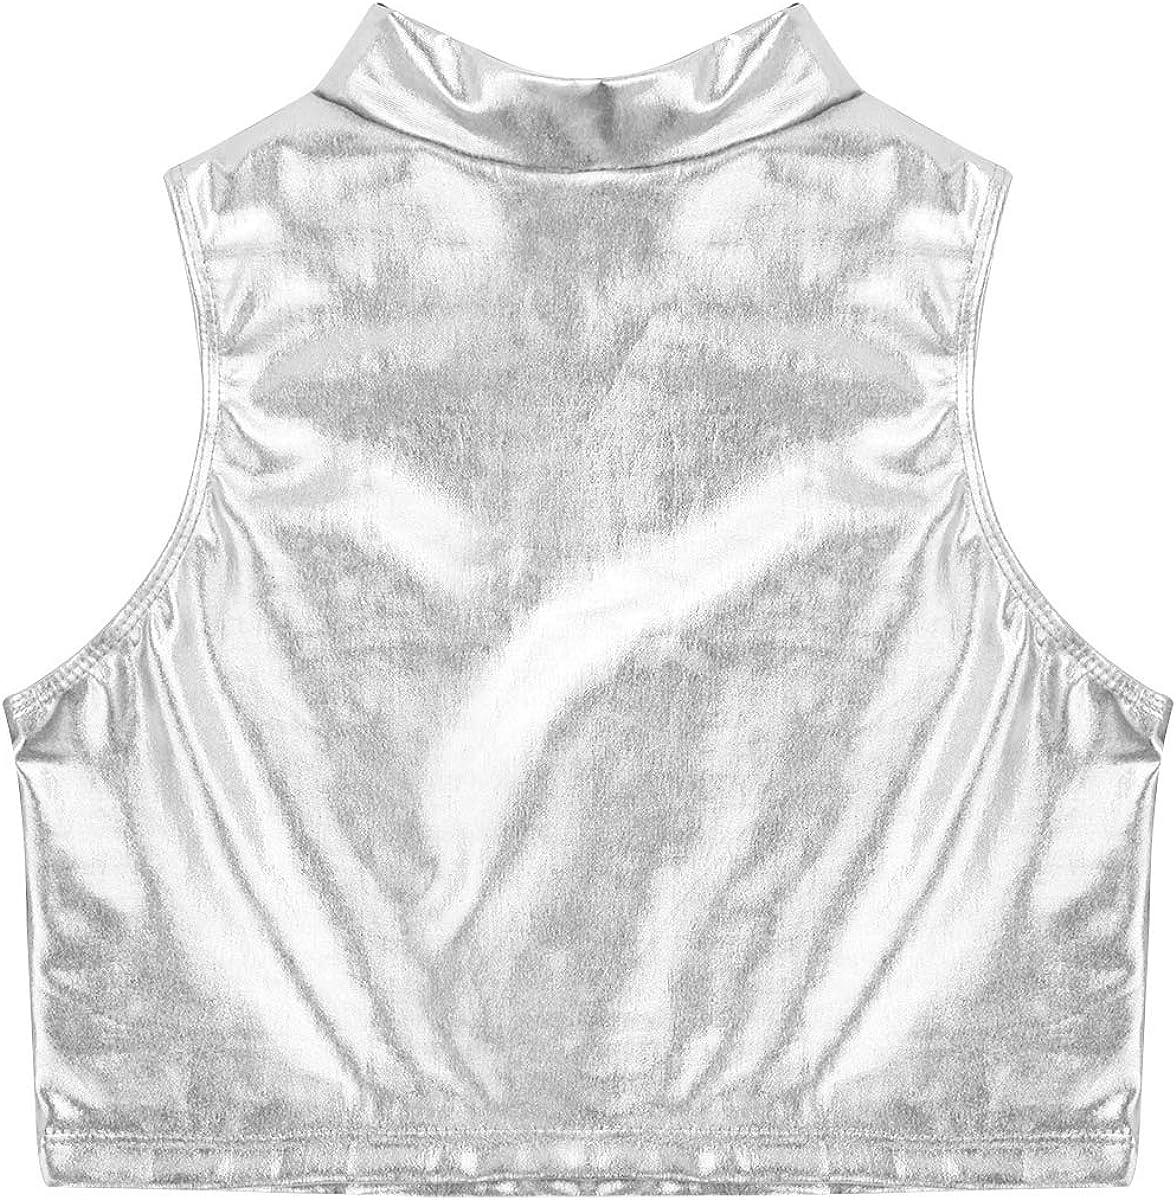 inhzoy Maillot de Ballet Charol para Ni/ña Brillante Crop Top de Danza Chaleco Corto Sin Mangas Leotardo de Gimnasia Camiseta Deportiva Fitness Yoga